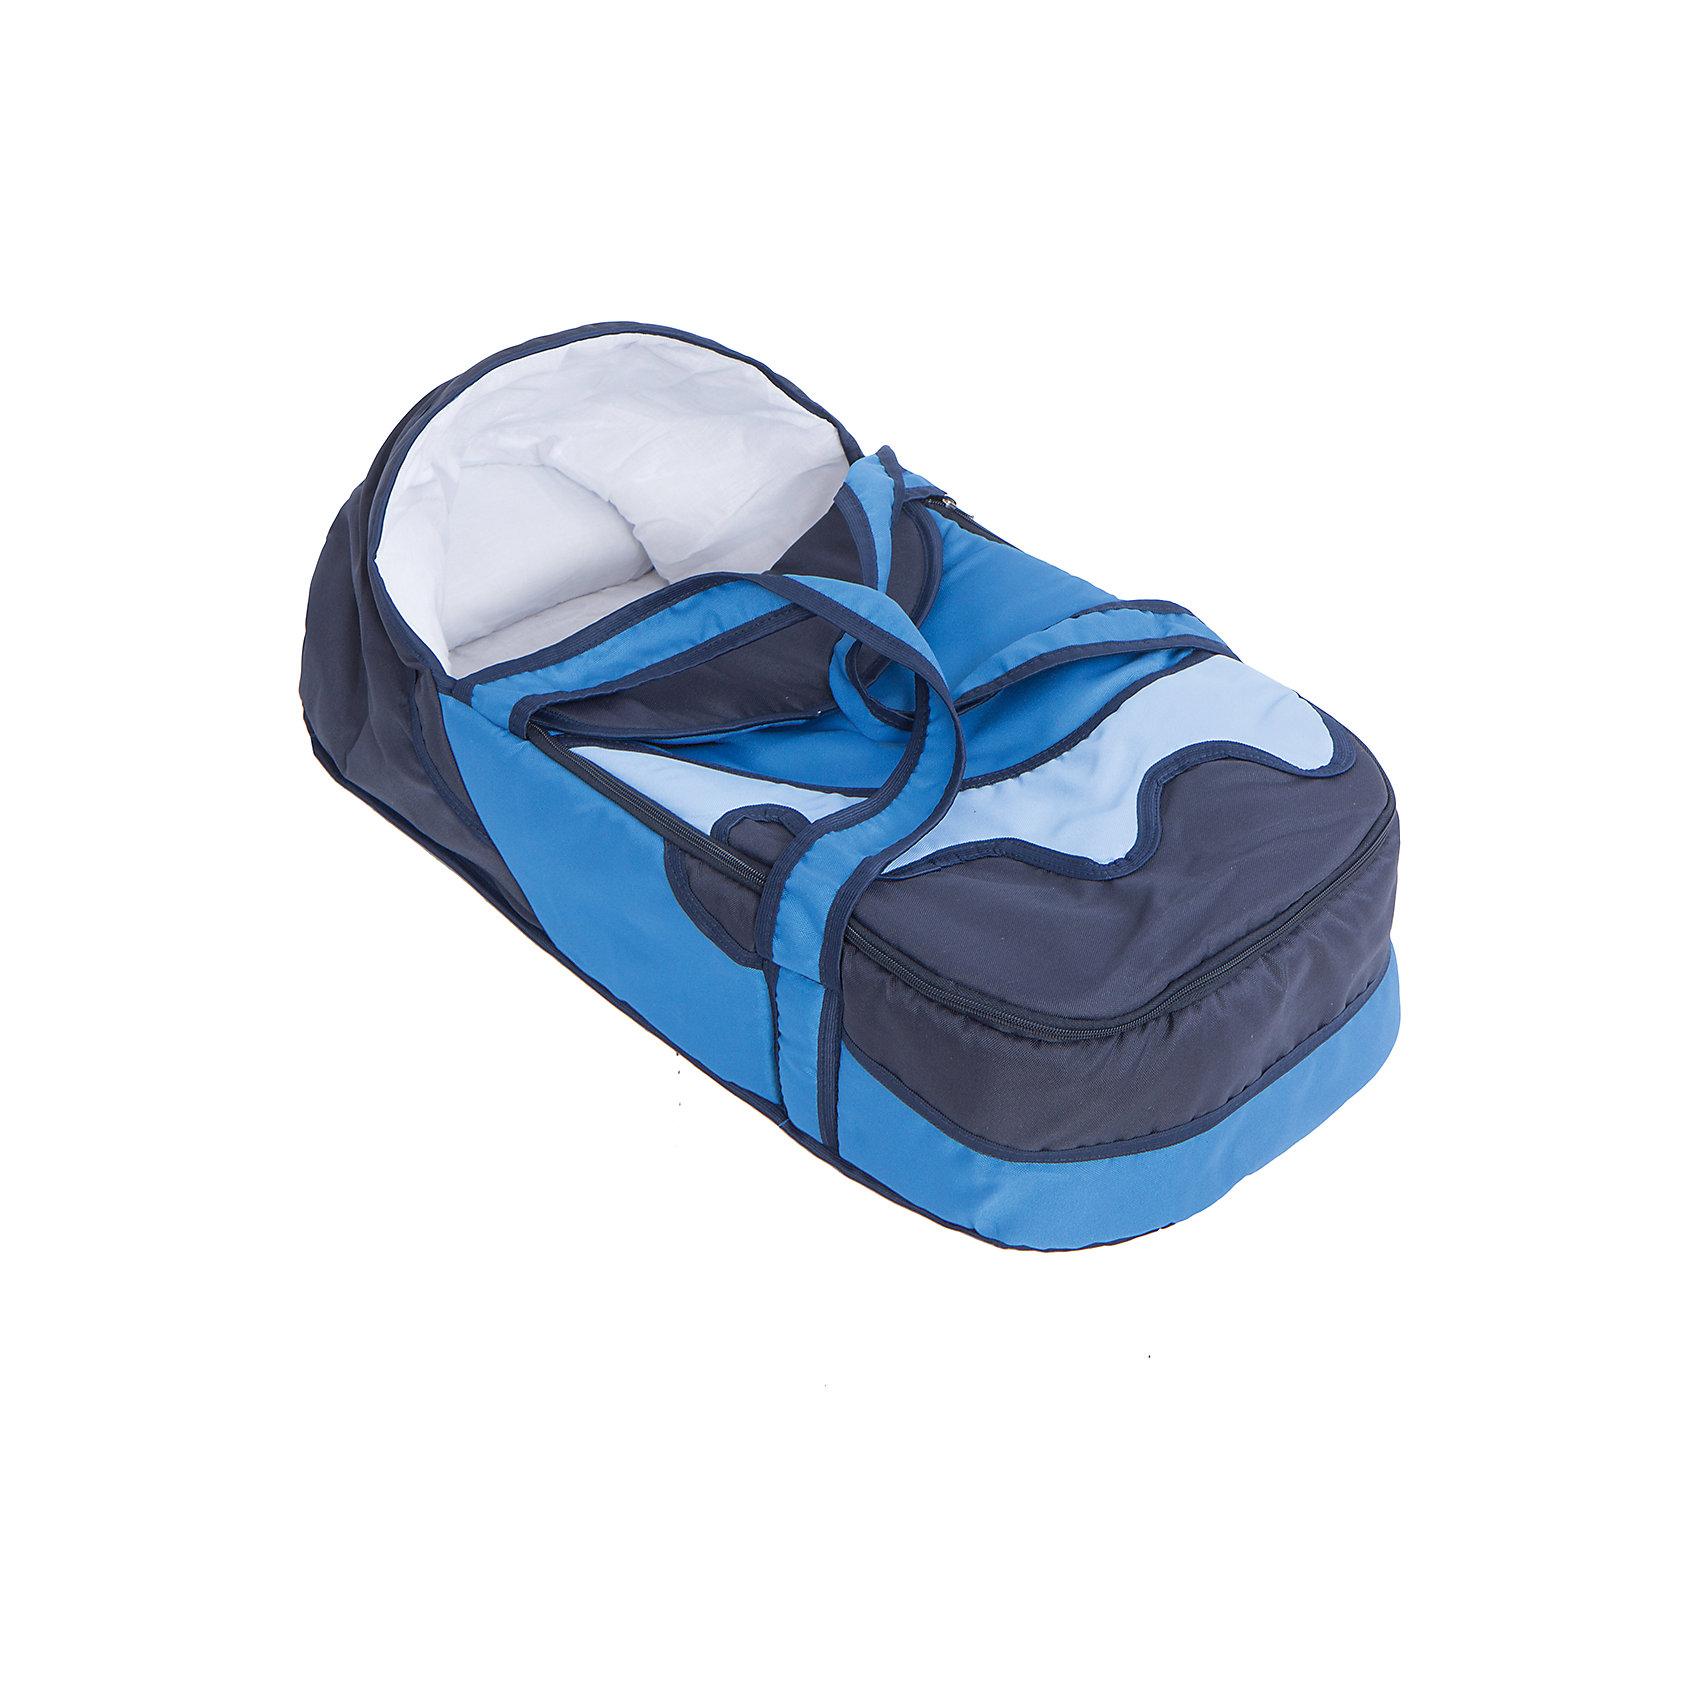 Коляска-трансформер Vito, Marimex, синий/голубой